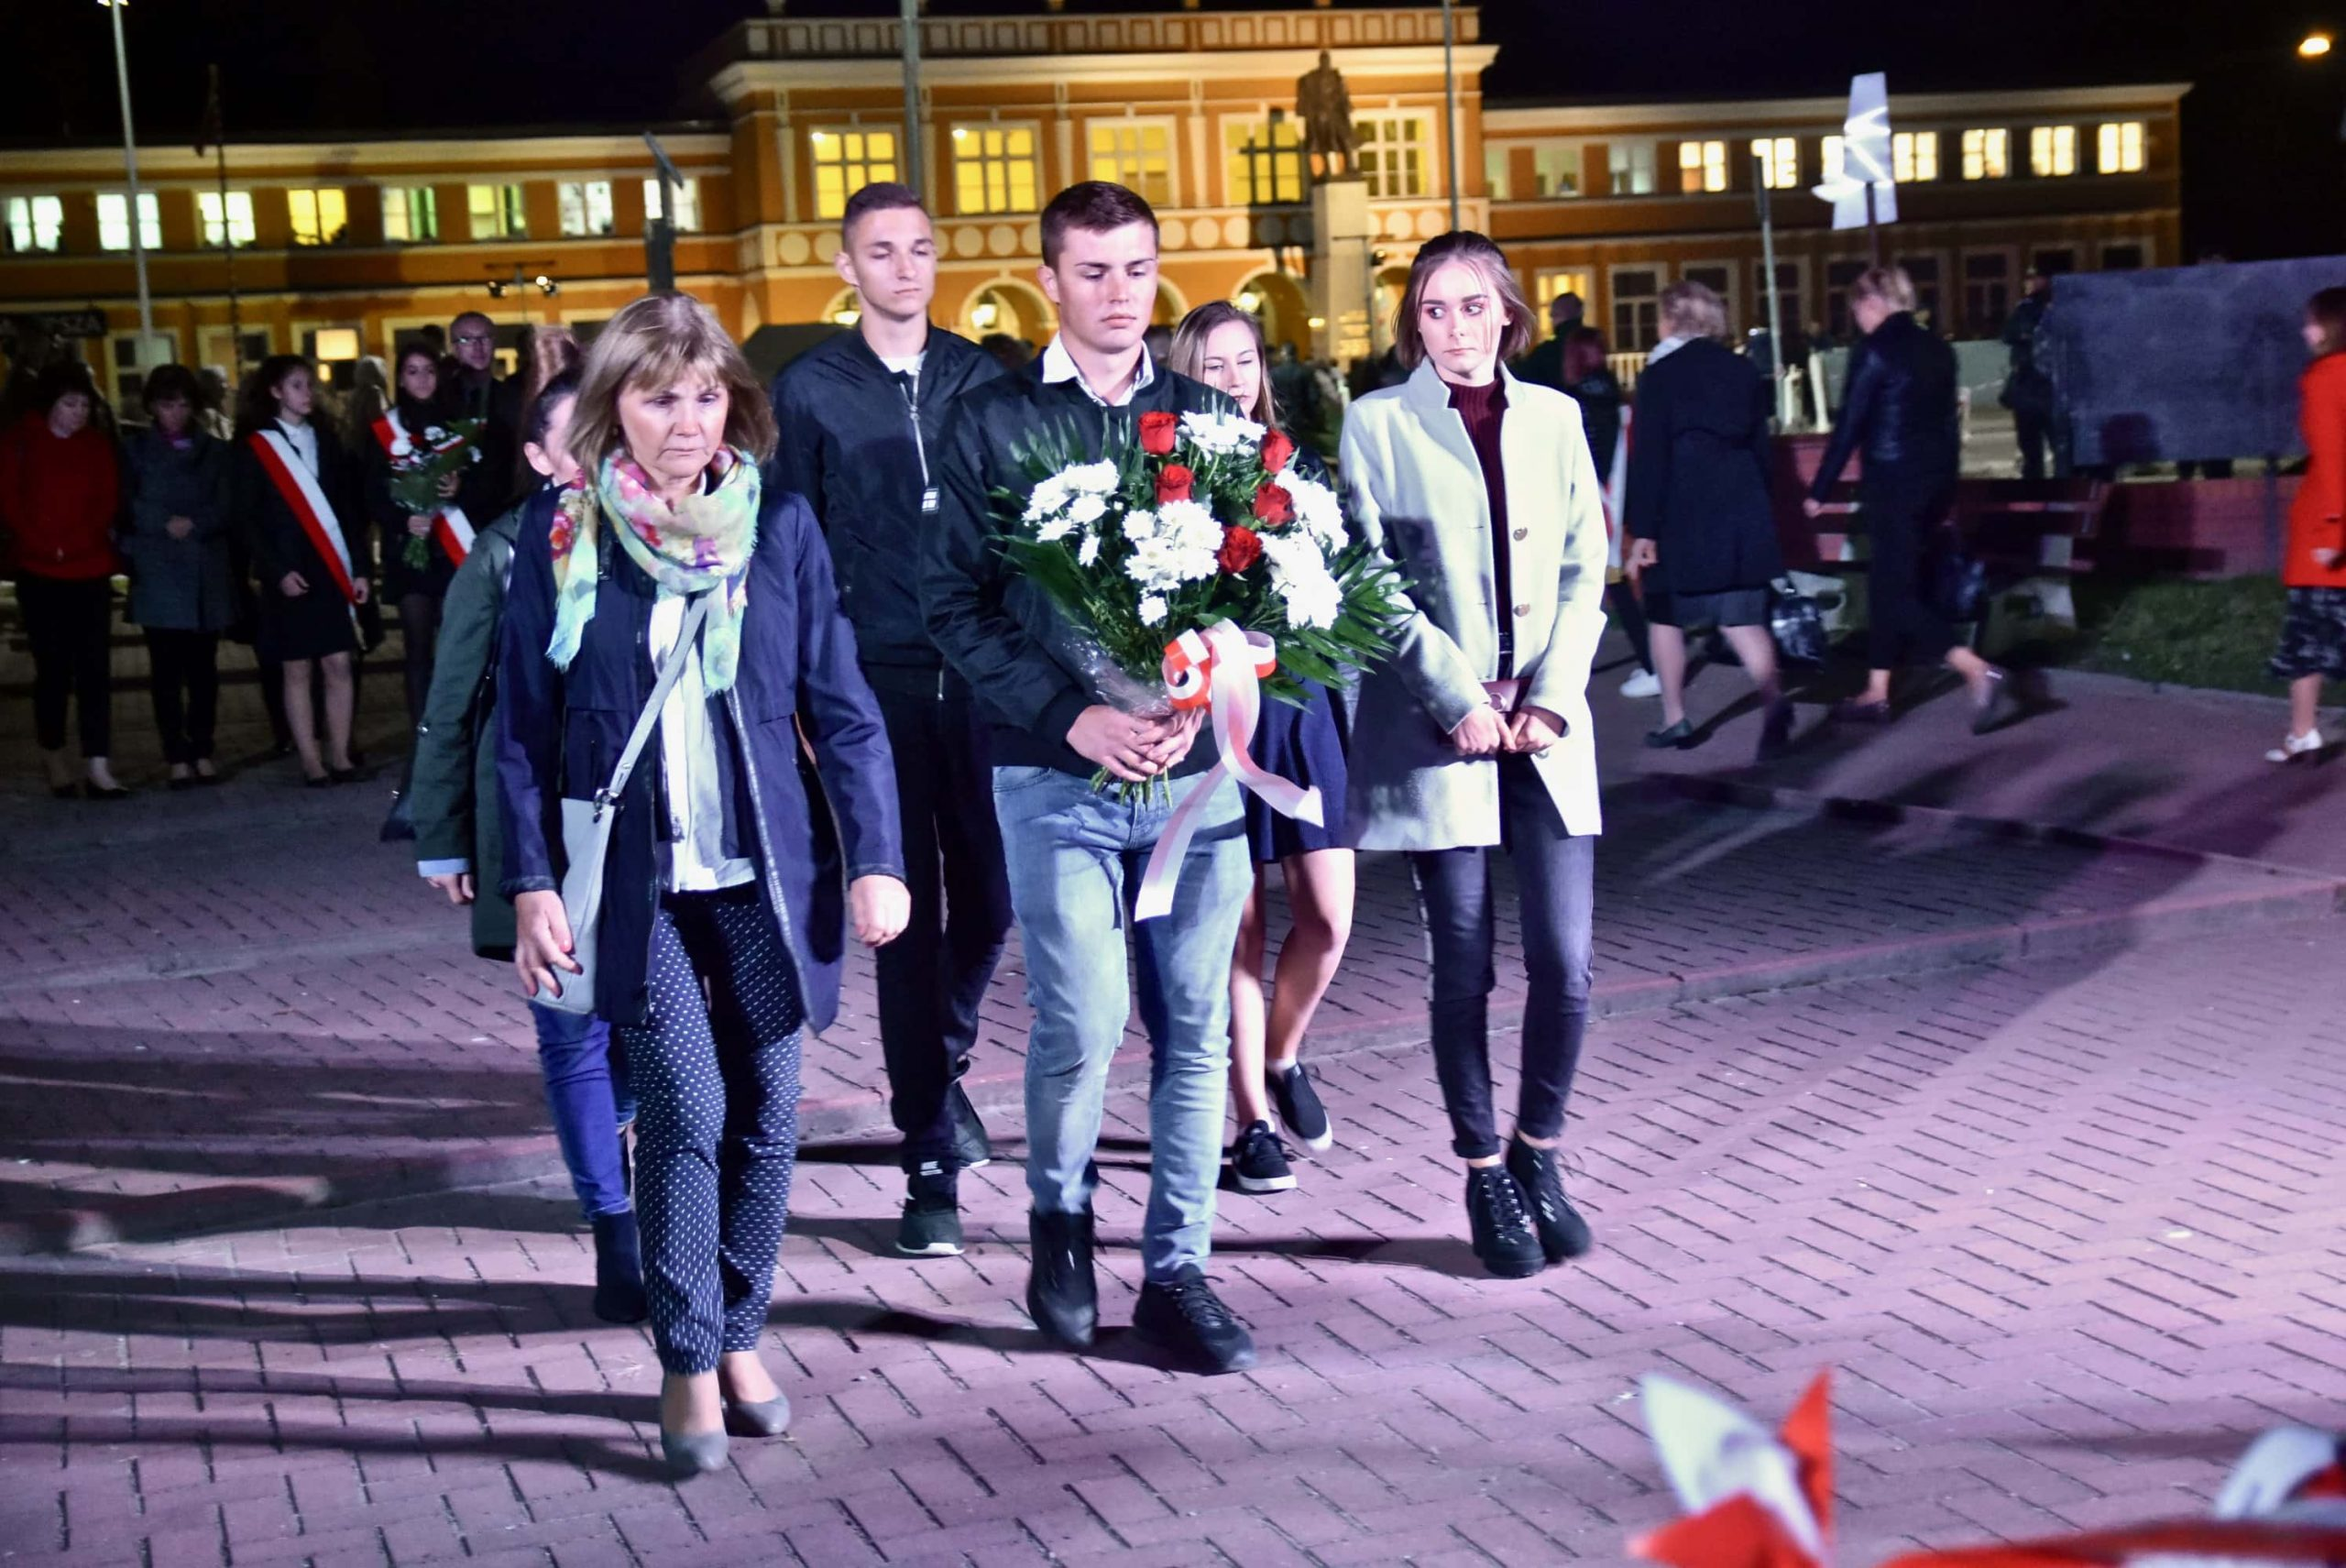 dsc 7832 scaled 80. rocznica agresji sowieckiej na Polskę - uroczystości w Zamościu